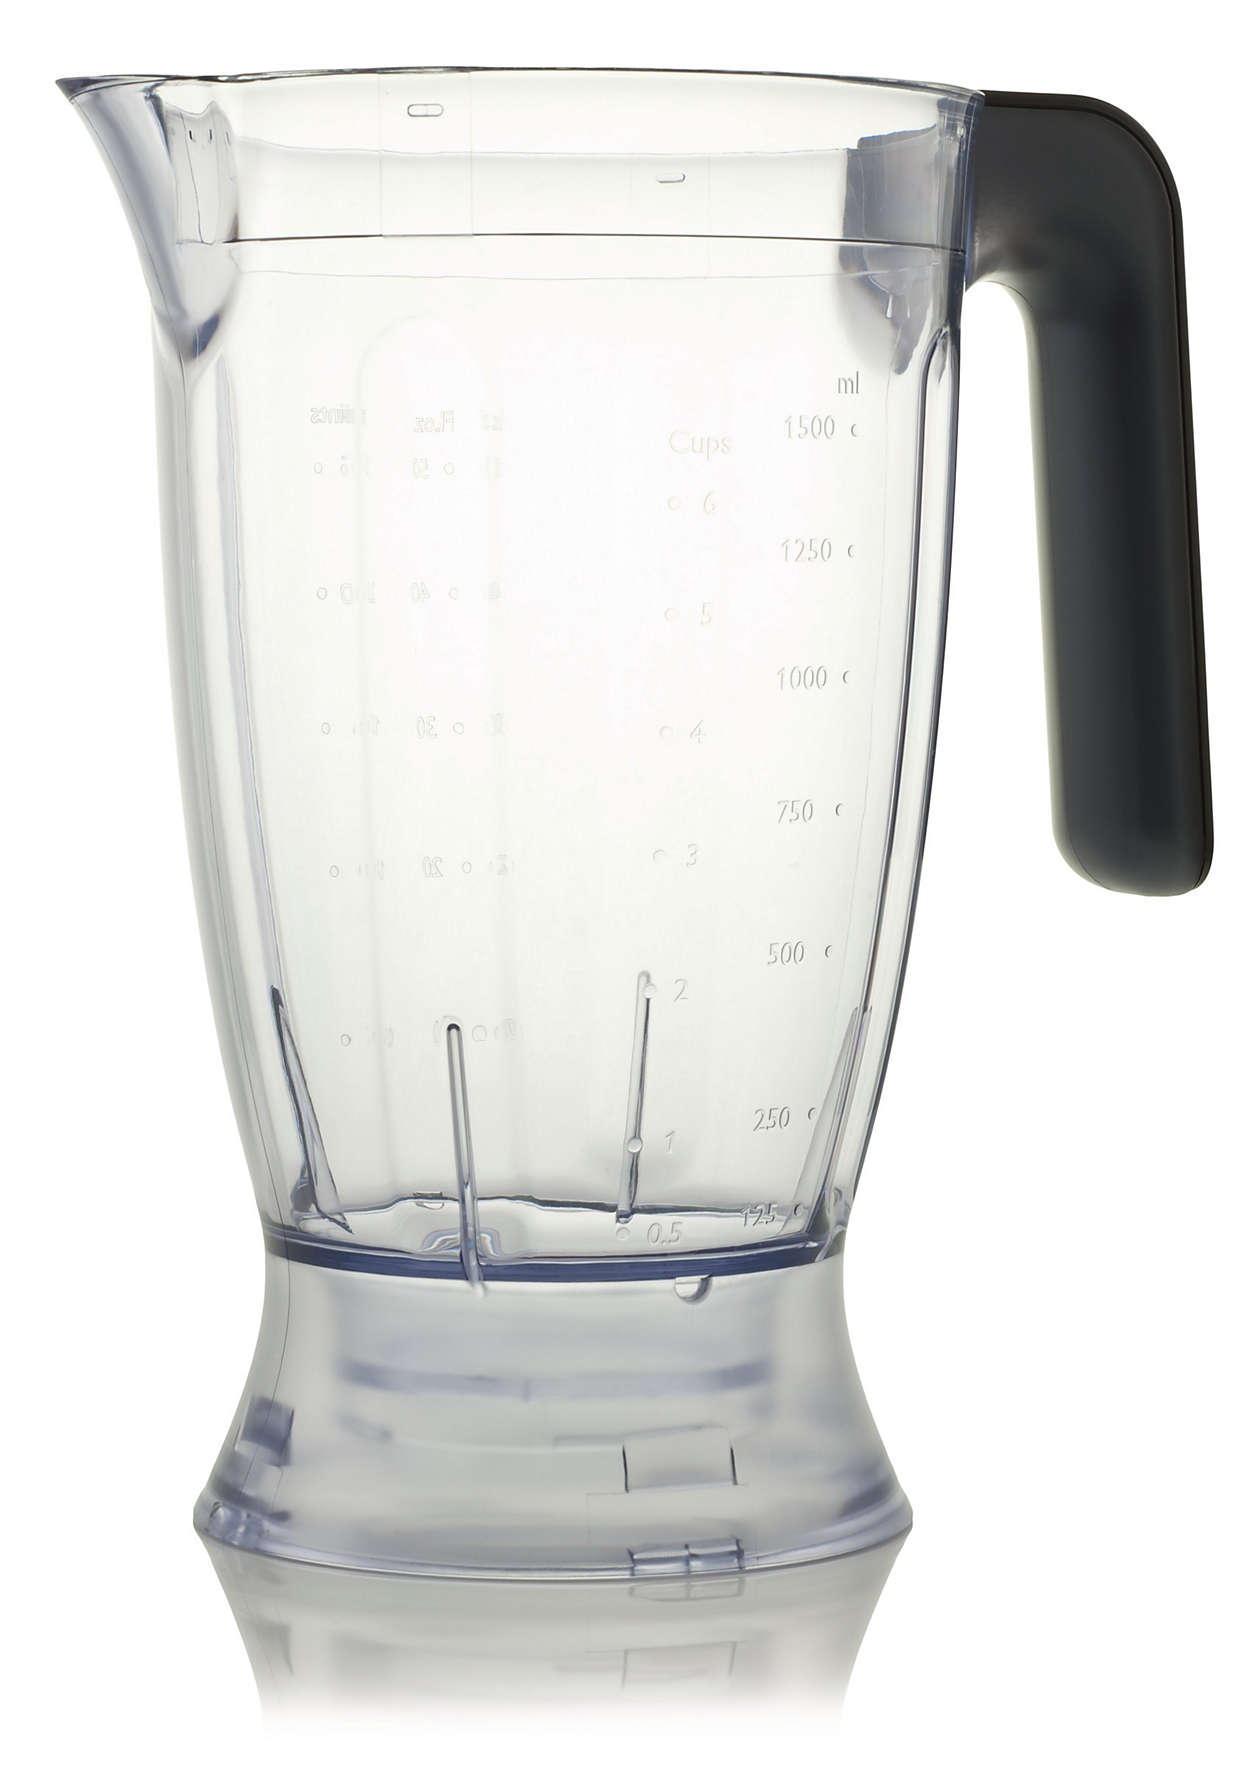 Vaso de la batidora para el robot de cocina